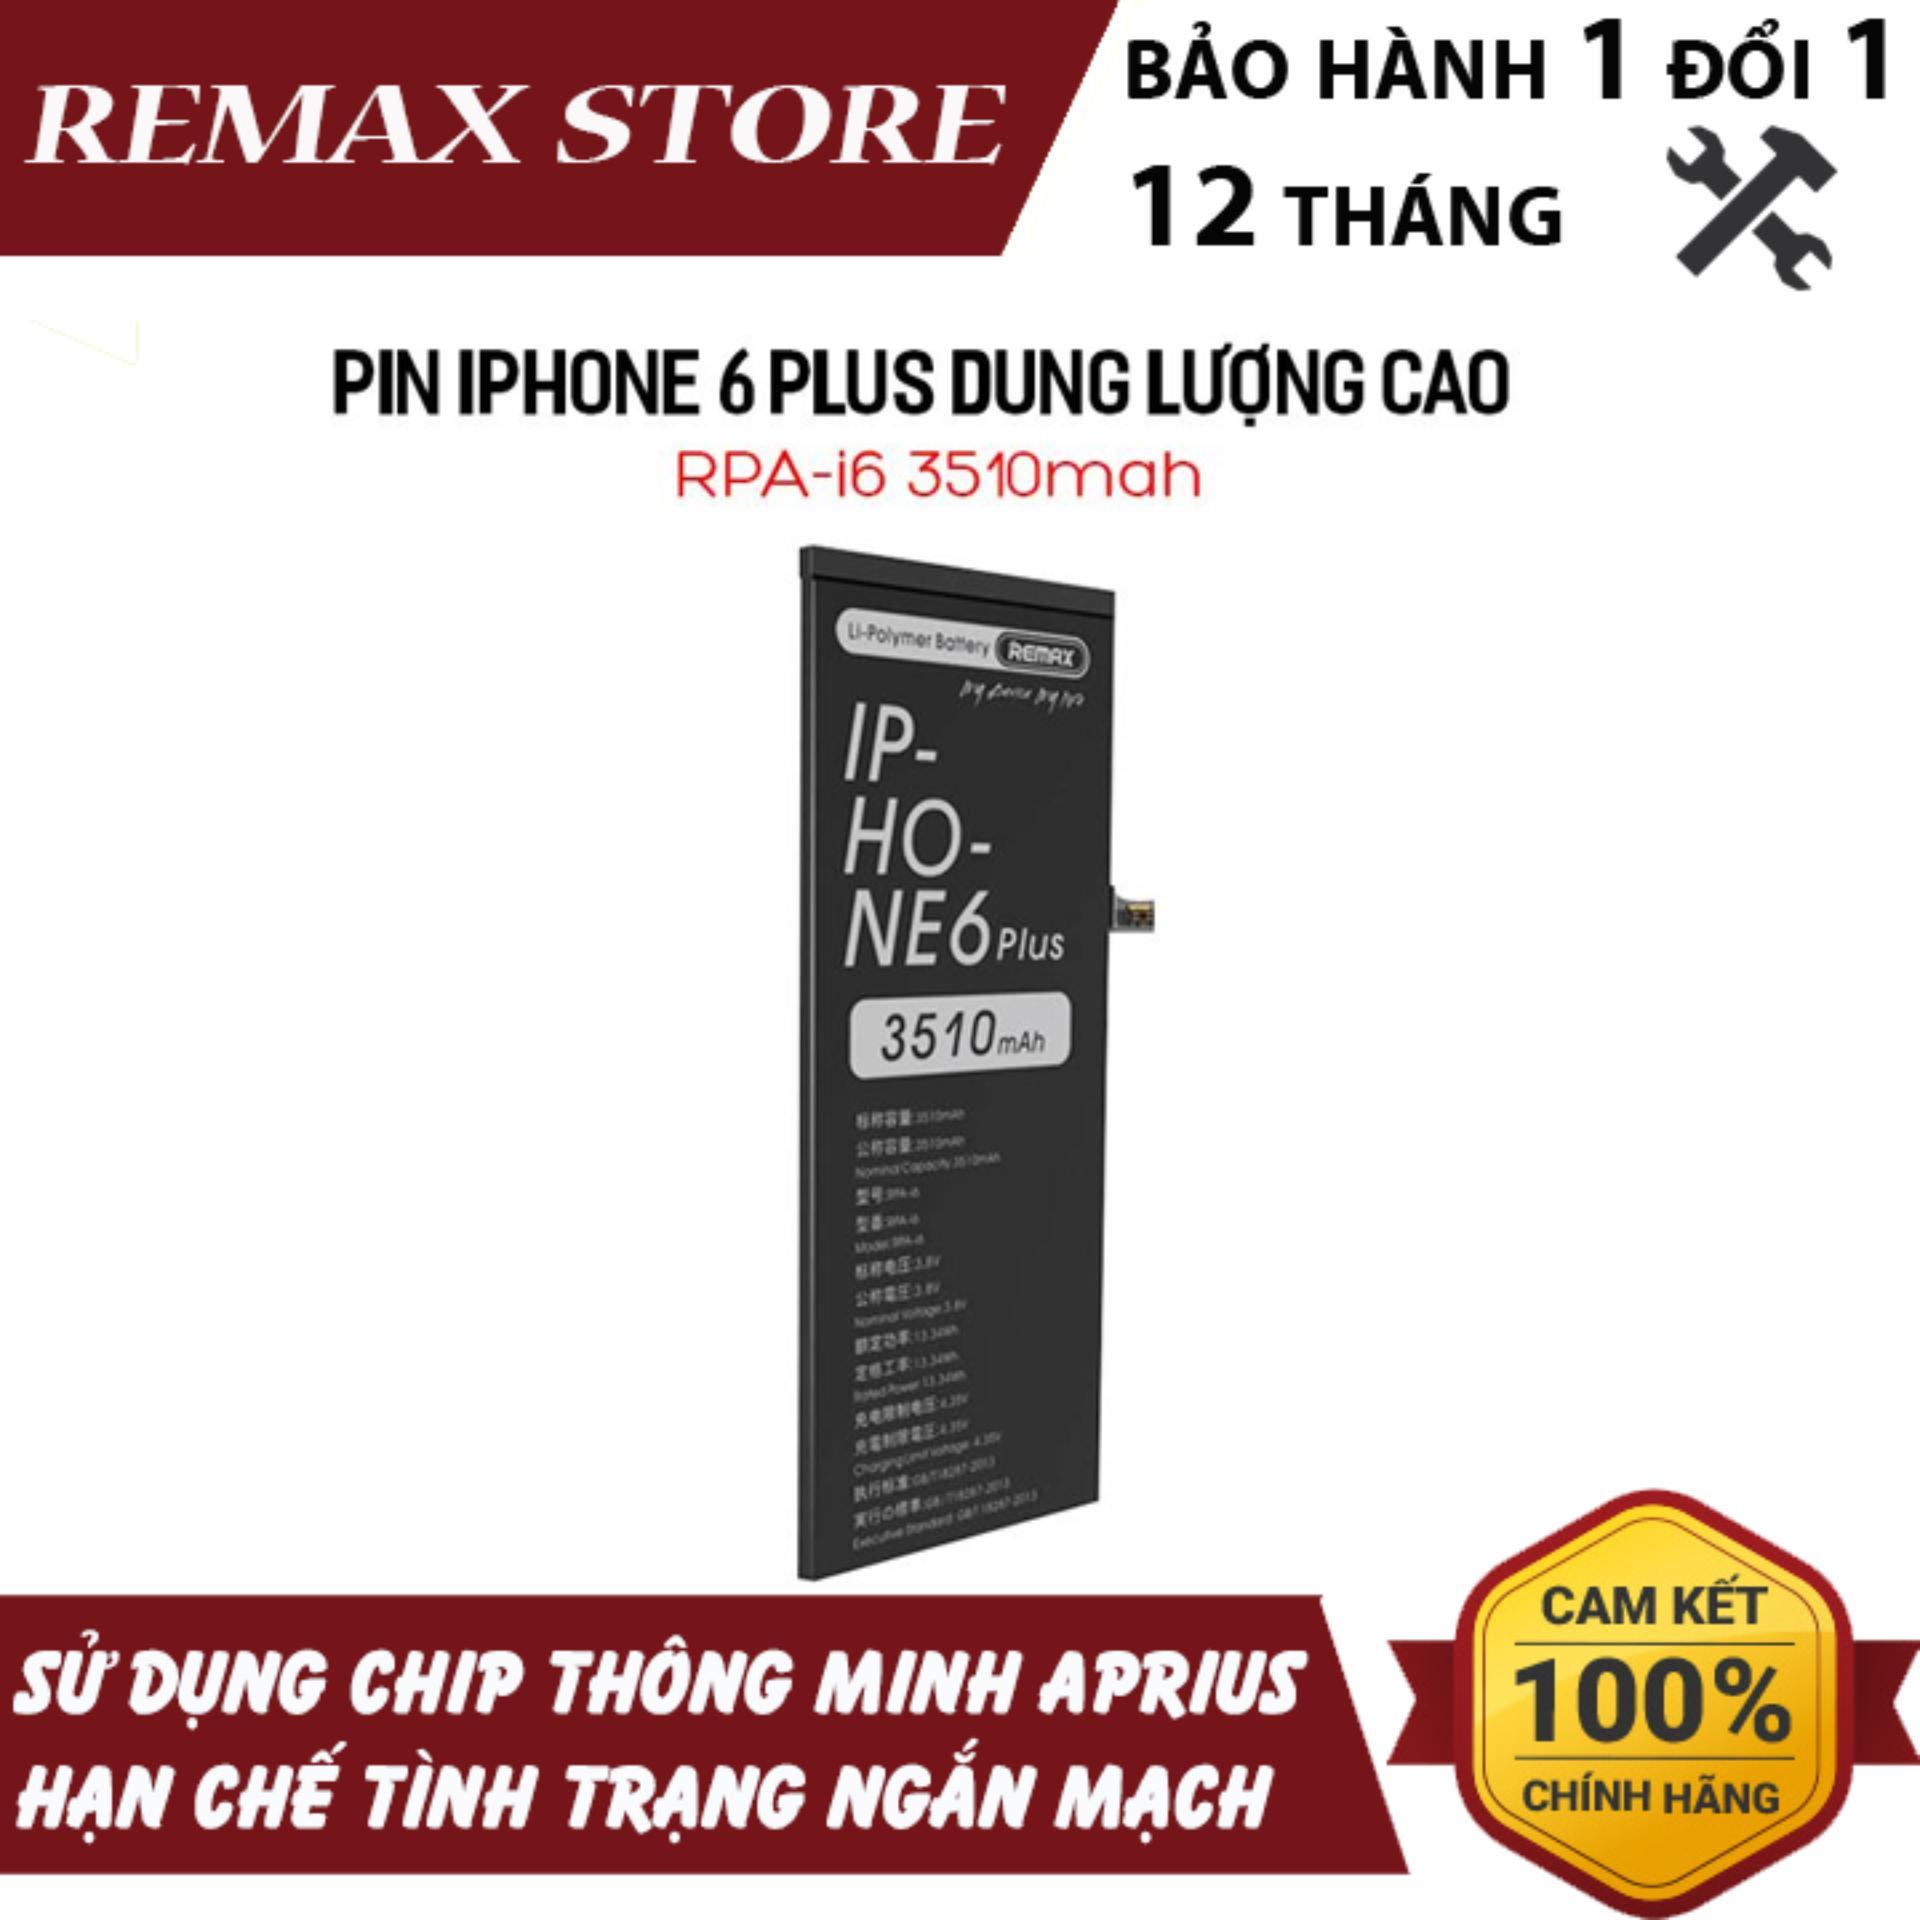 Giá Quá Tốt Để Có Pin IPhone 6 Plus Dung Lượng Cao Remax RPA-i6 3510mah